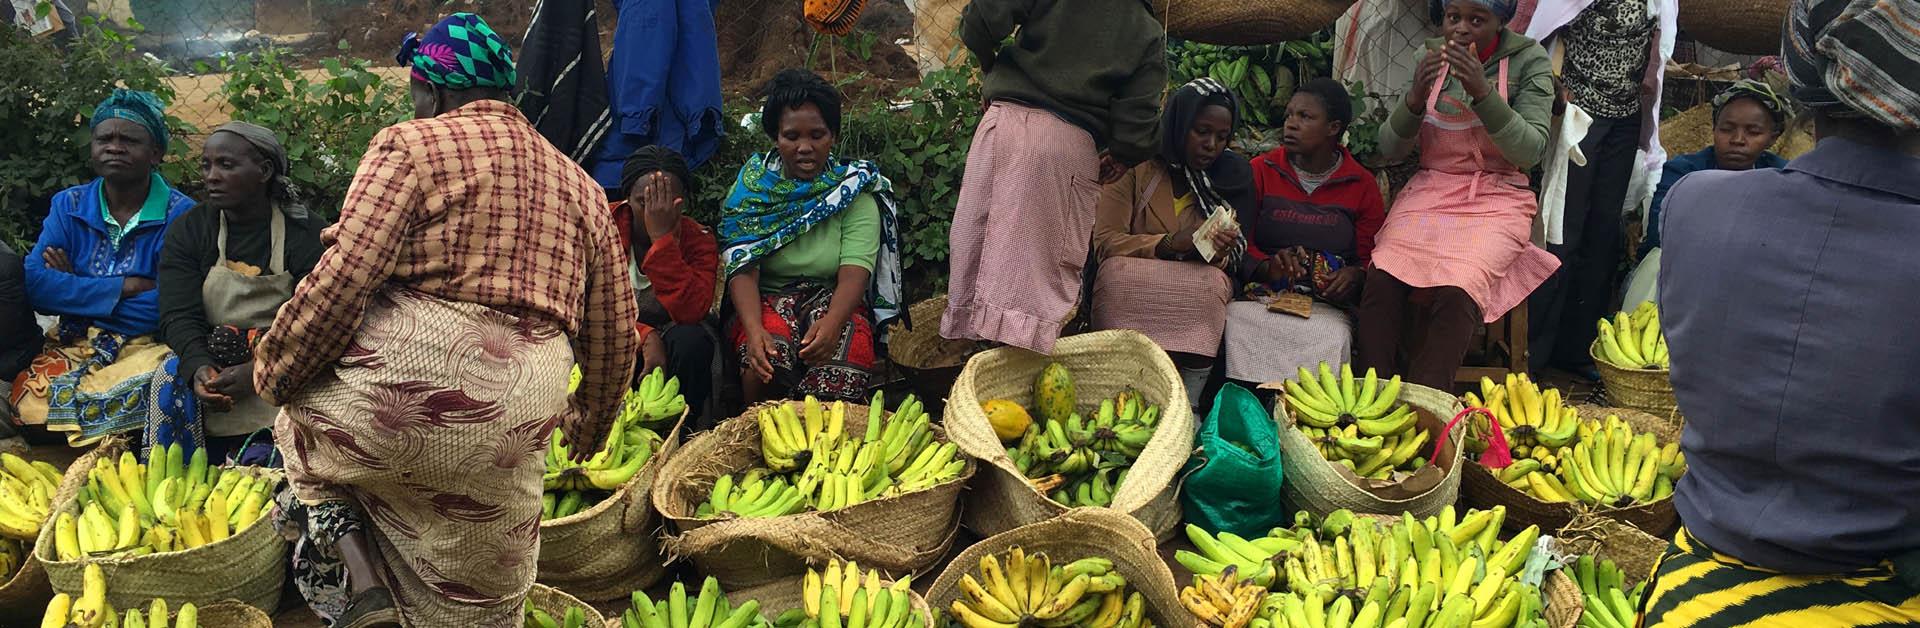 Eudaimonia promote sustainable economic growth and regeneration throughout Kenya